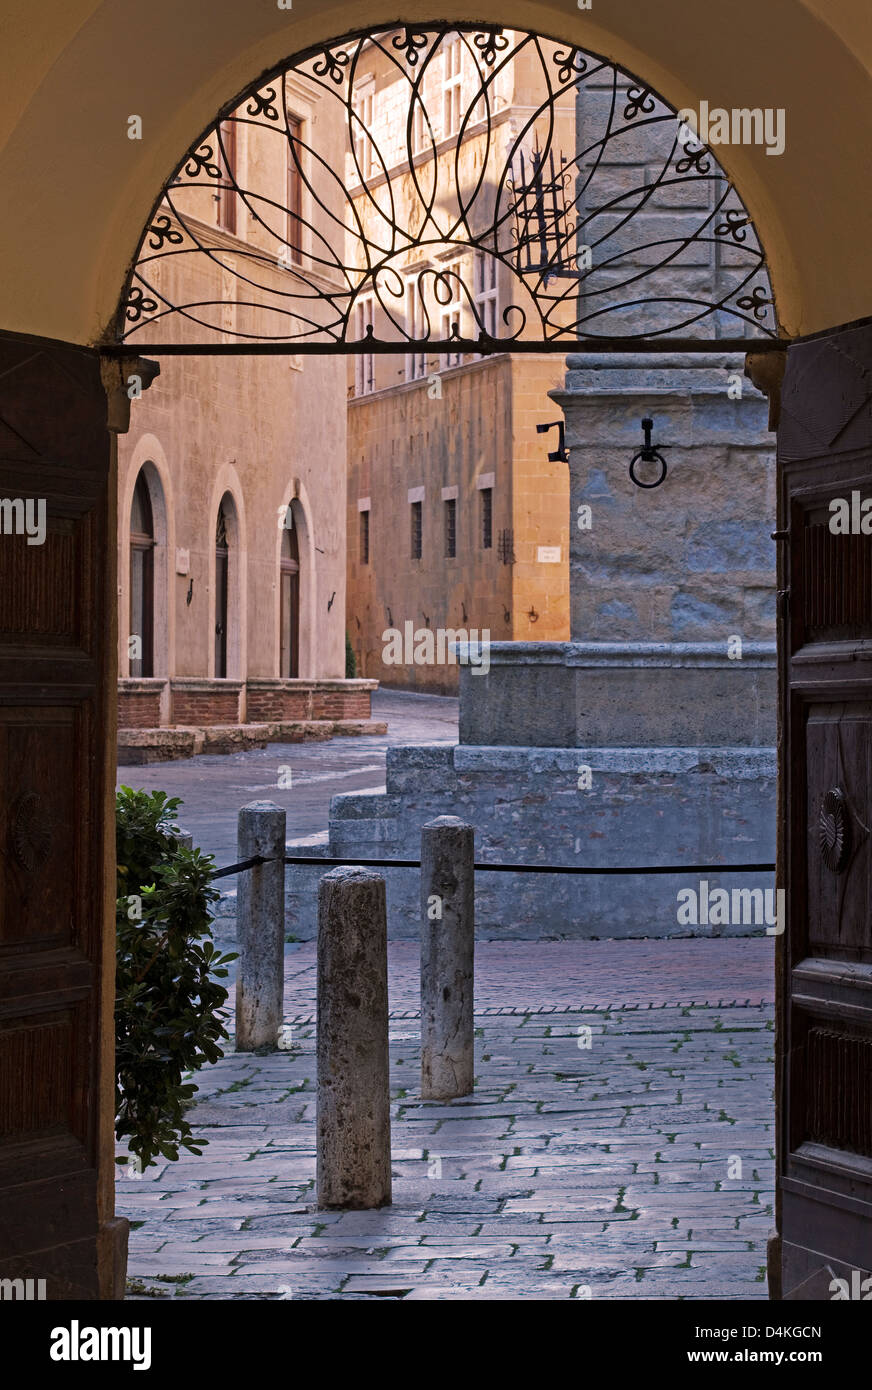 Pienza, Tuscany - Doorway street scene - Stock Image